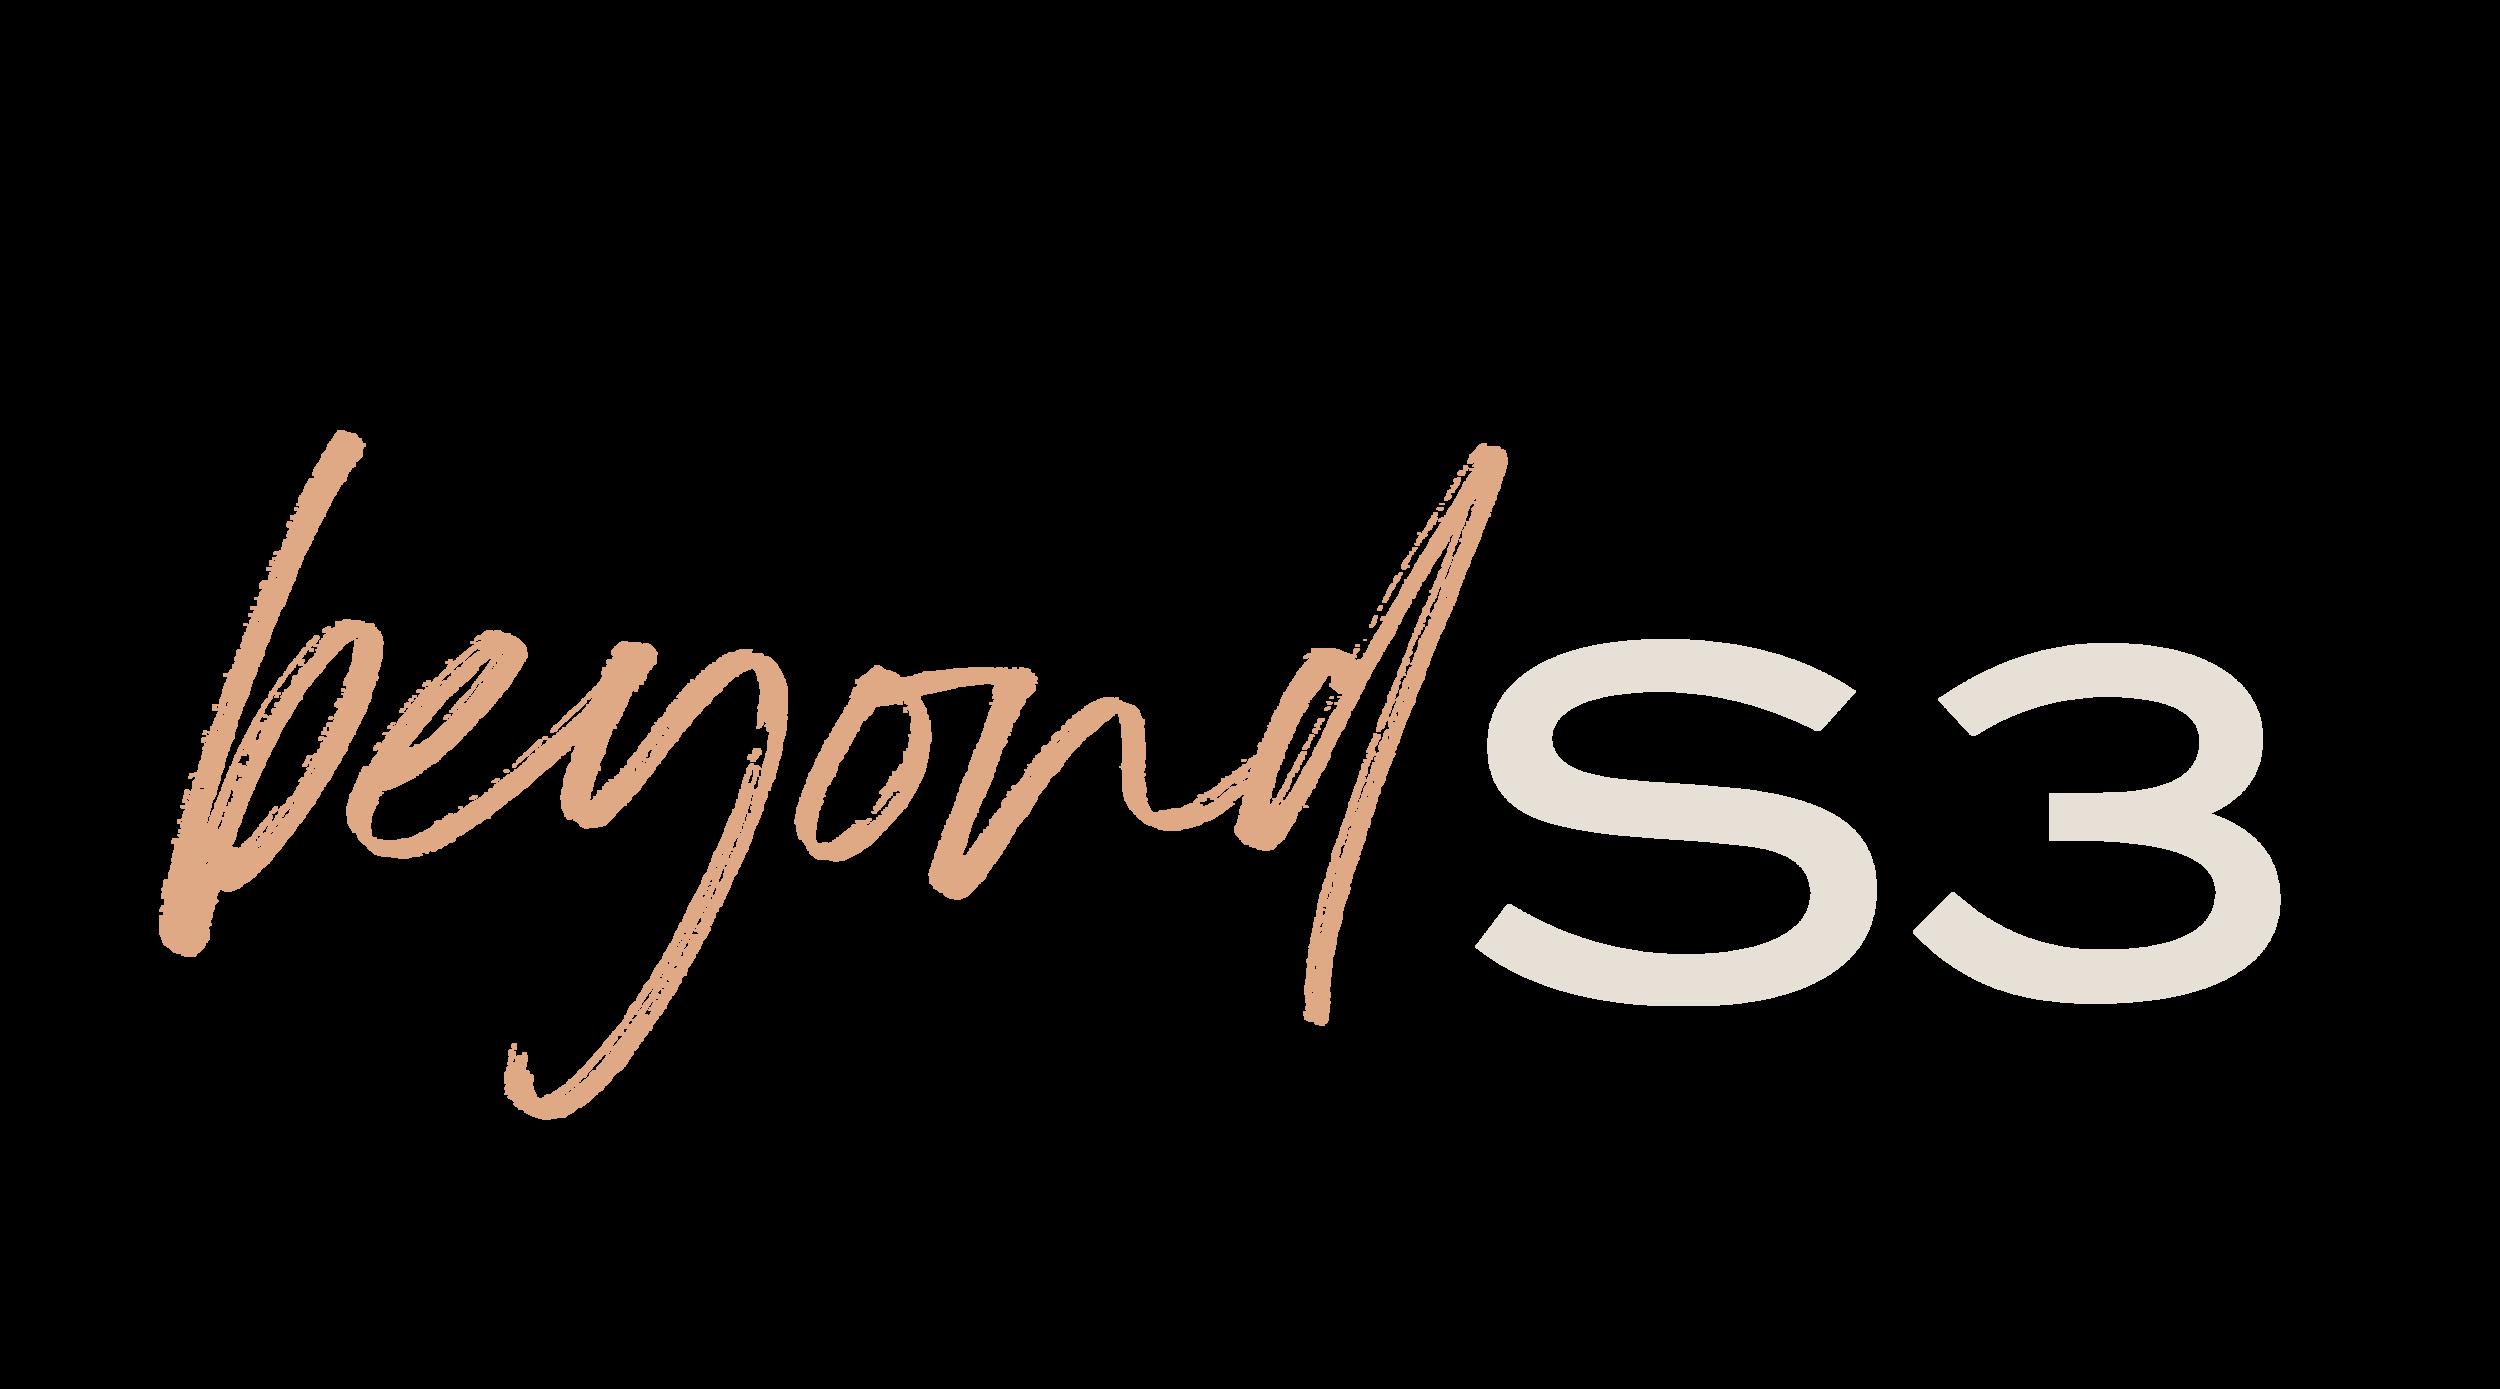 beyondS3_logo tansparent.png